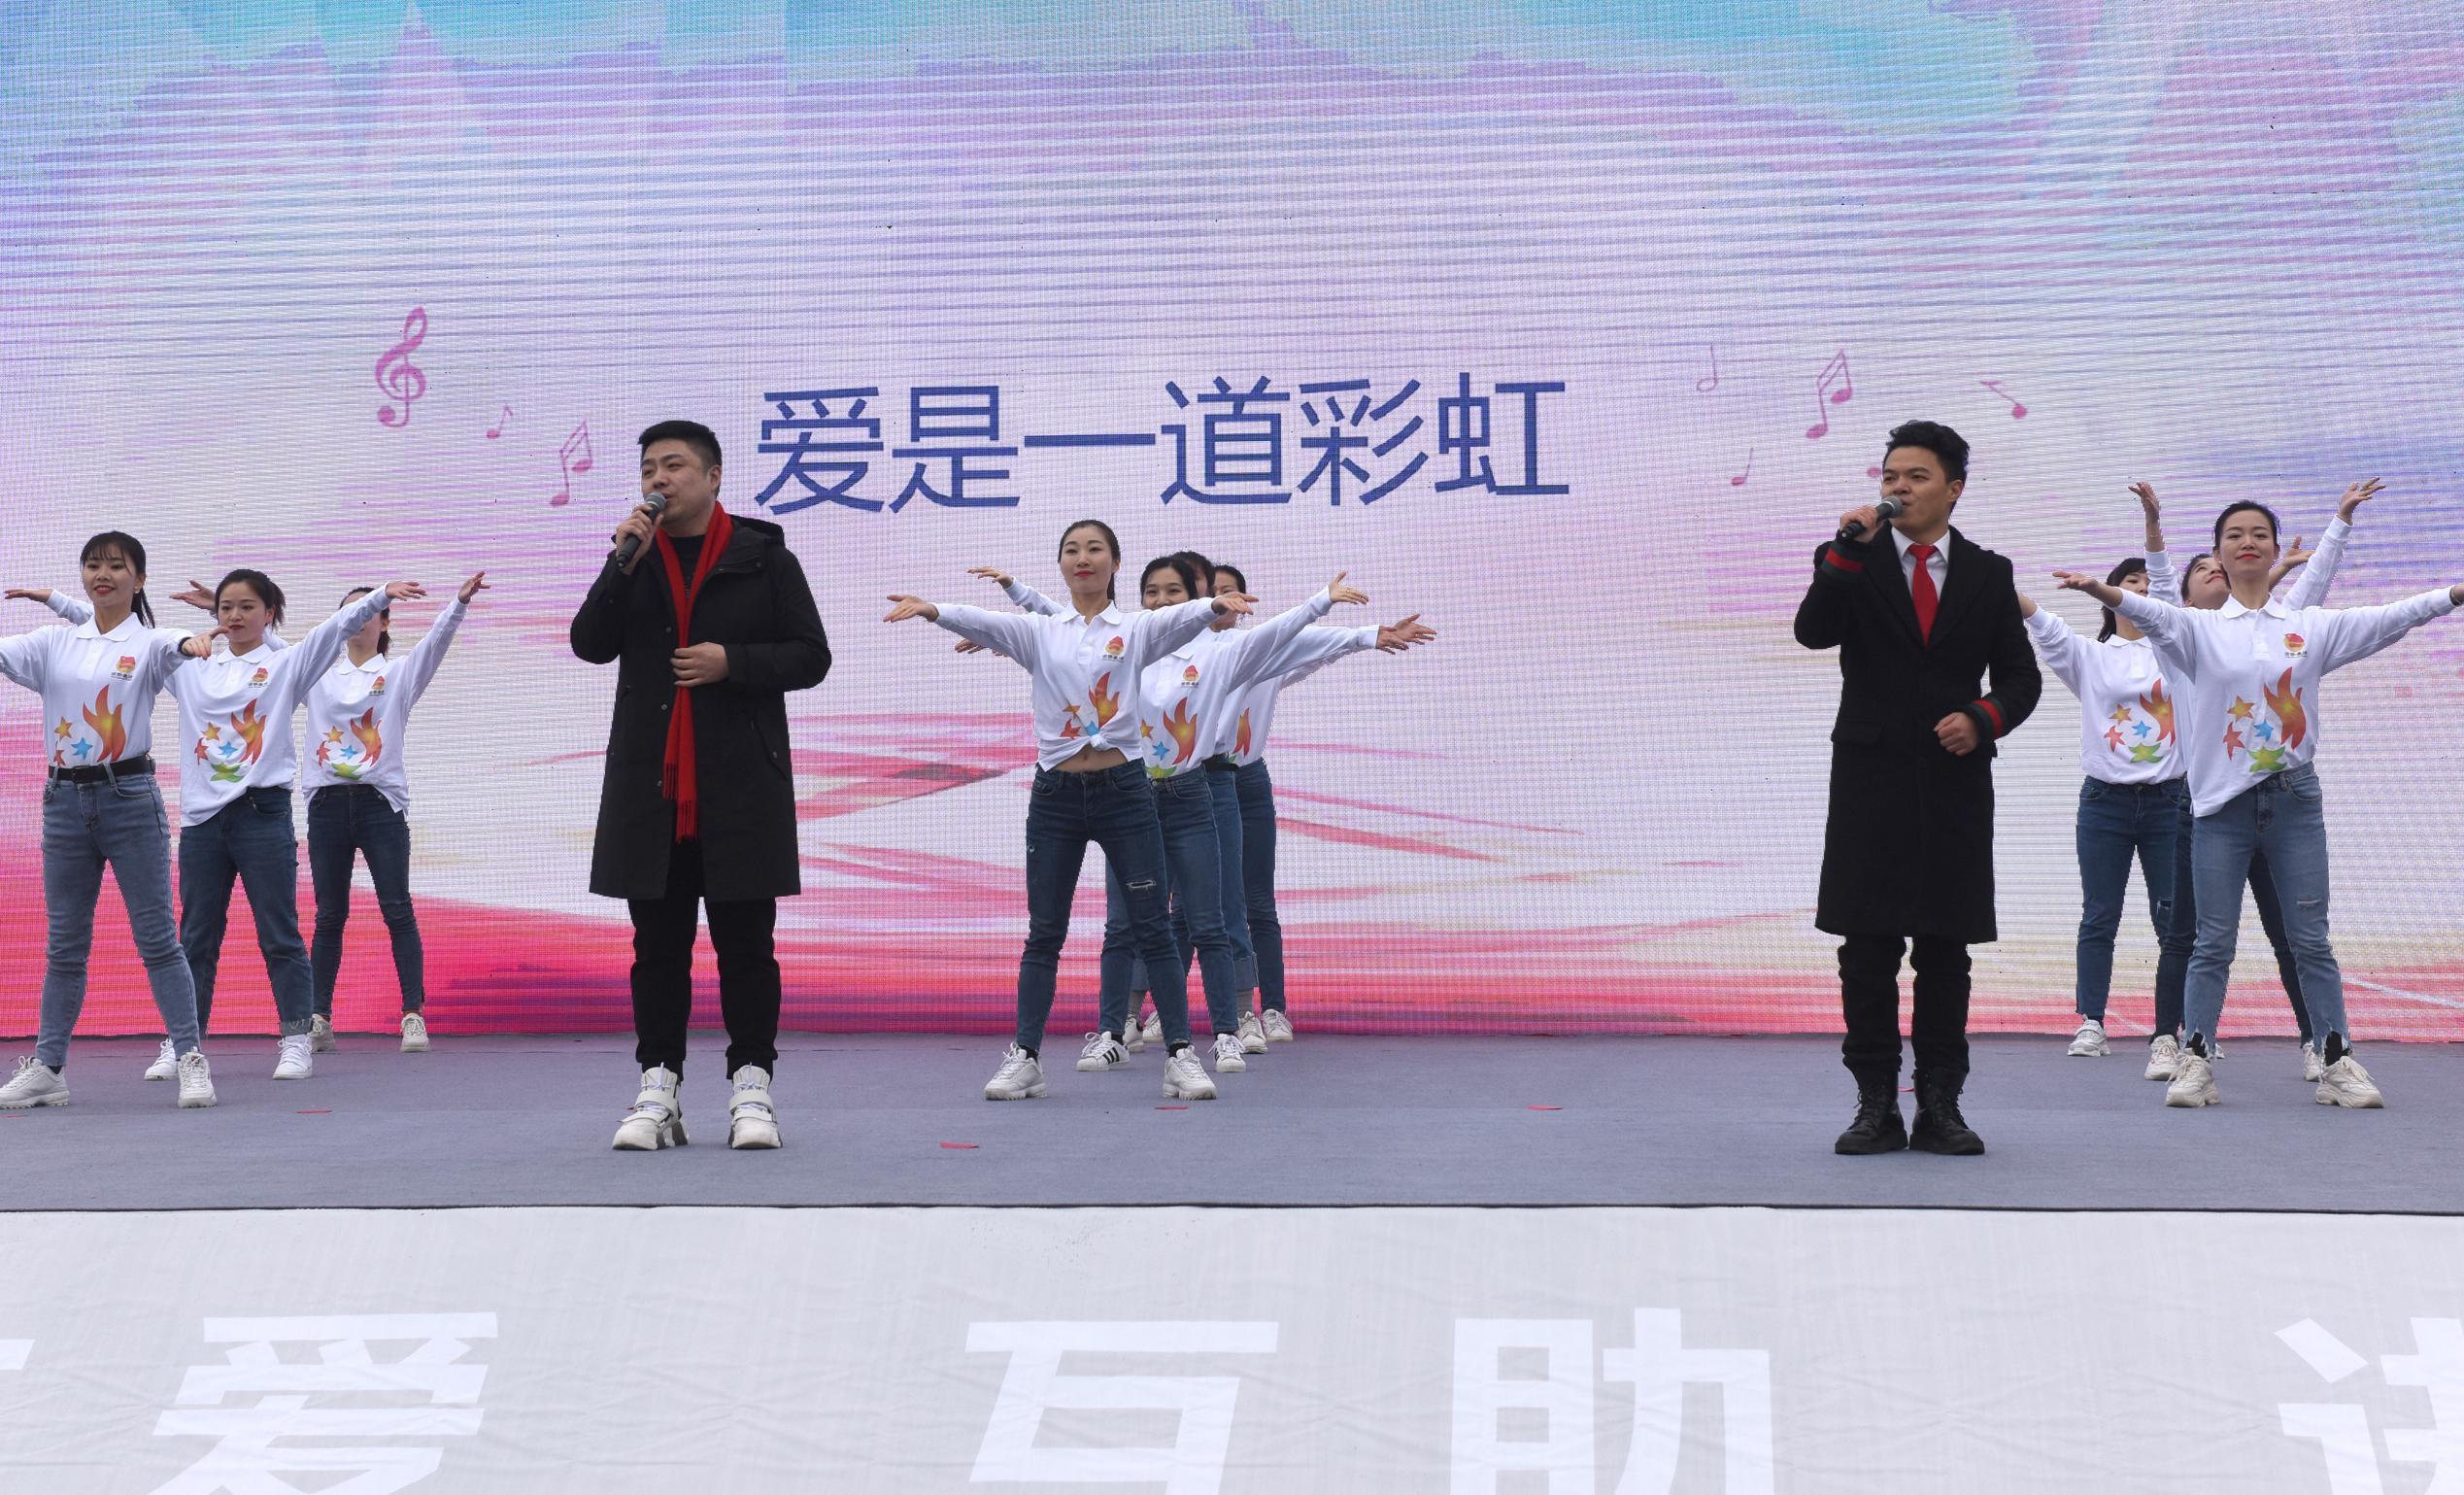 浙江德清志愿者之歌《最美的人》发布